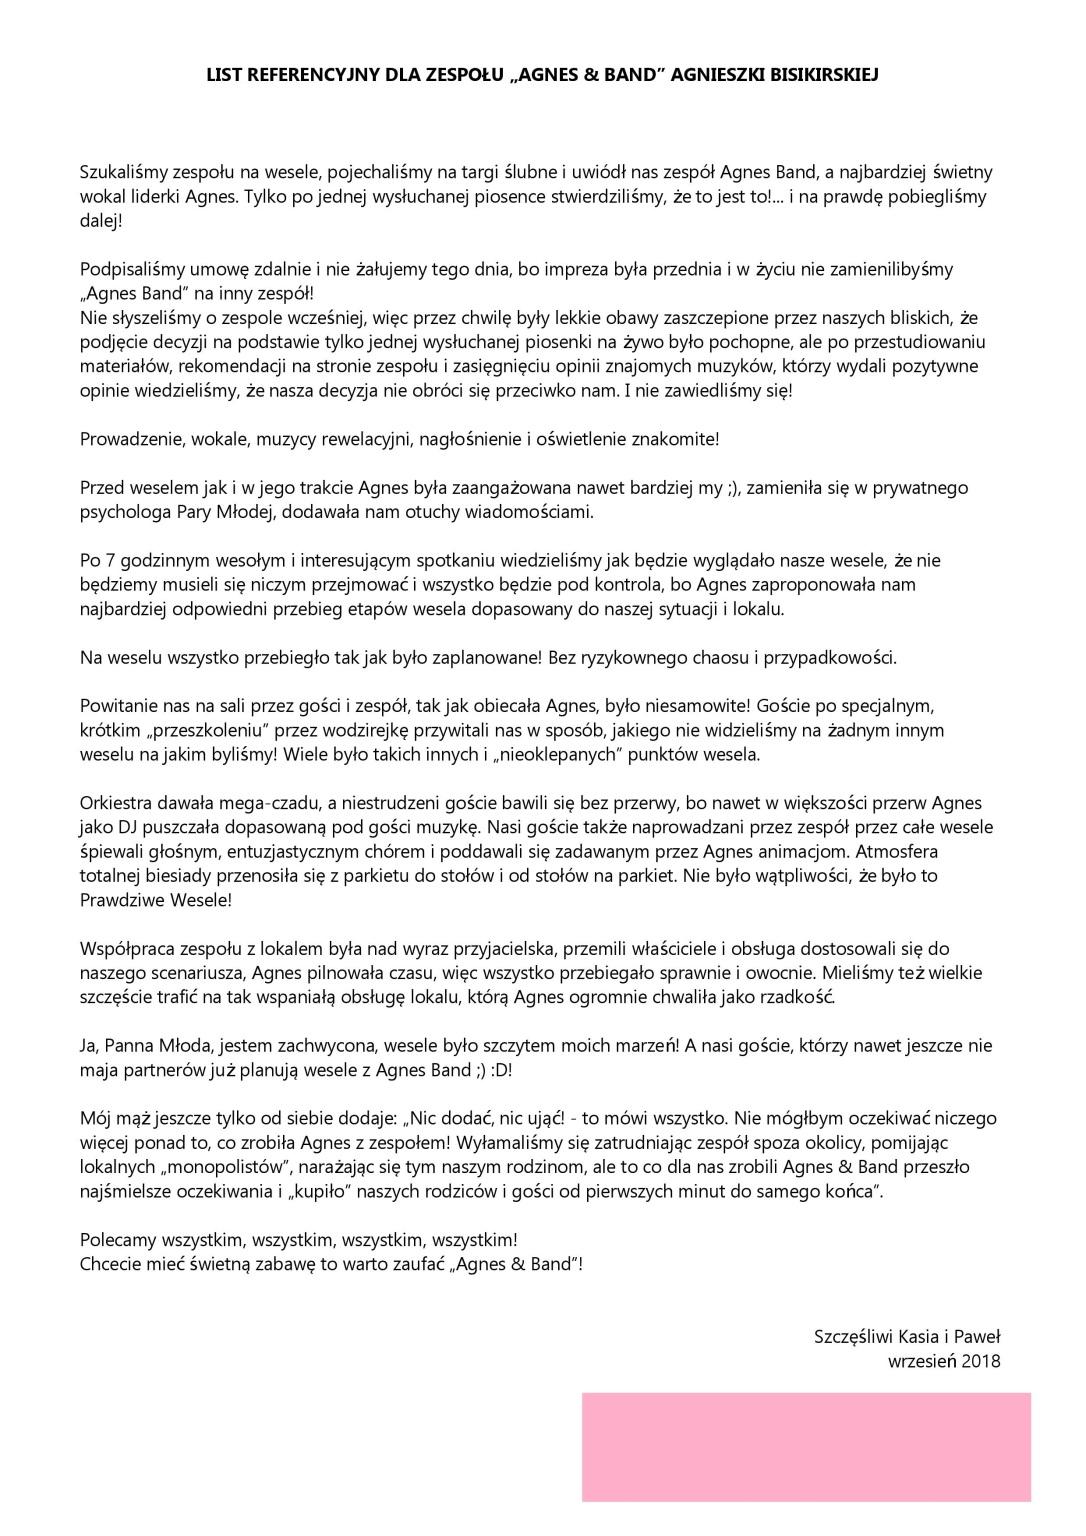 rekomedacje Kasia Pawel web